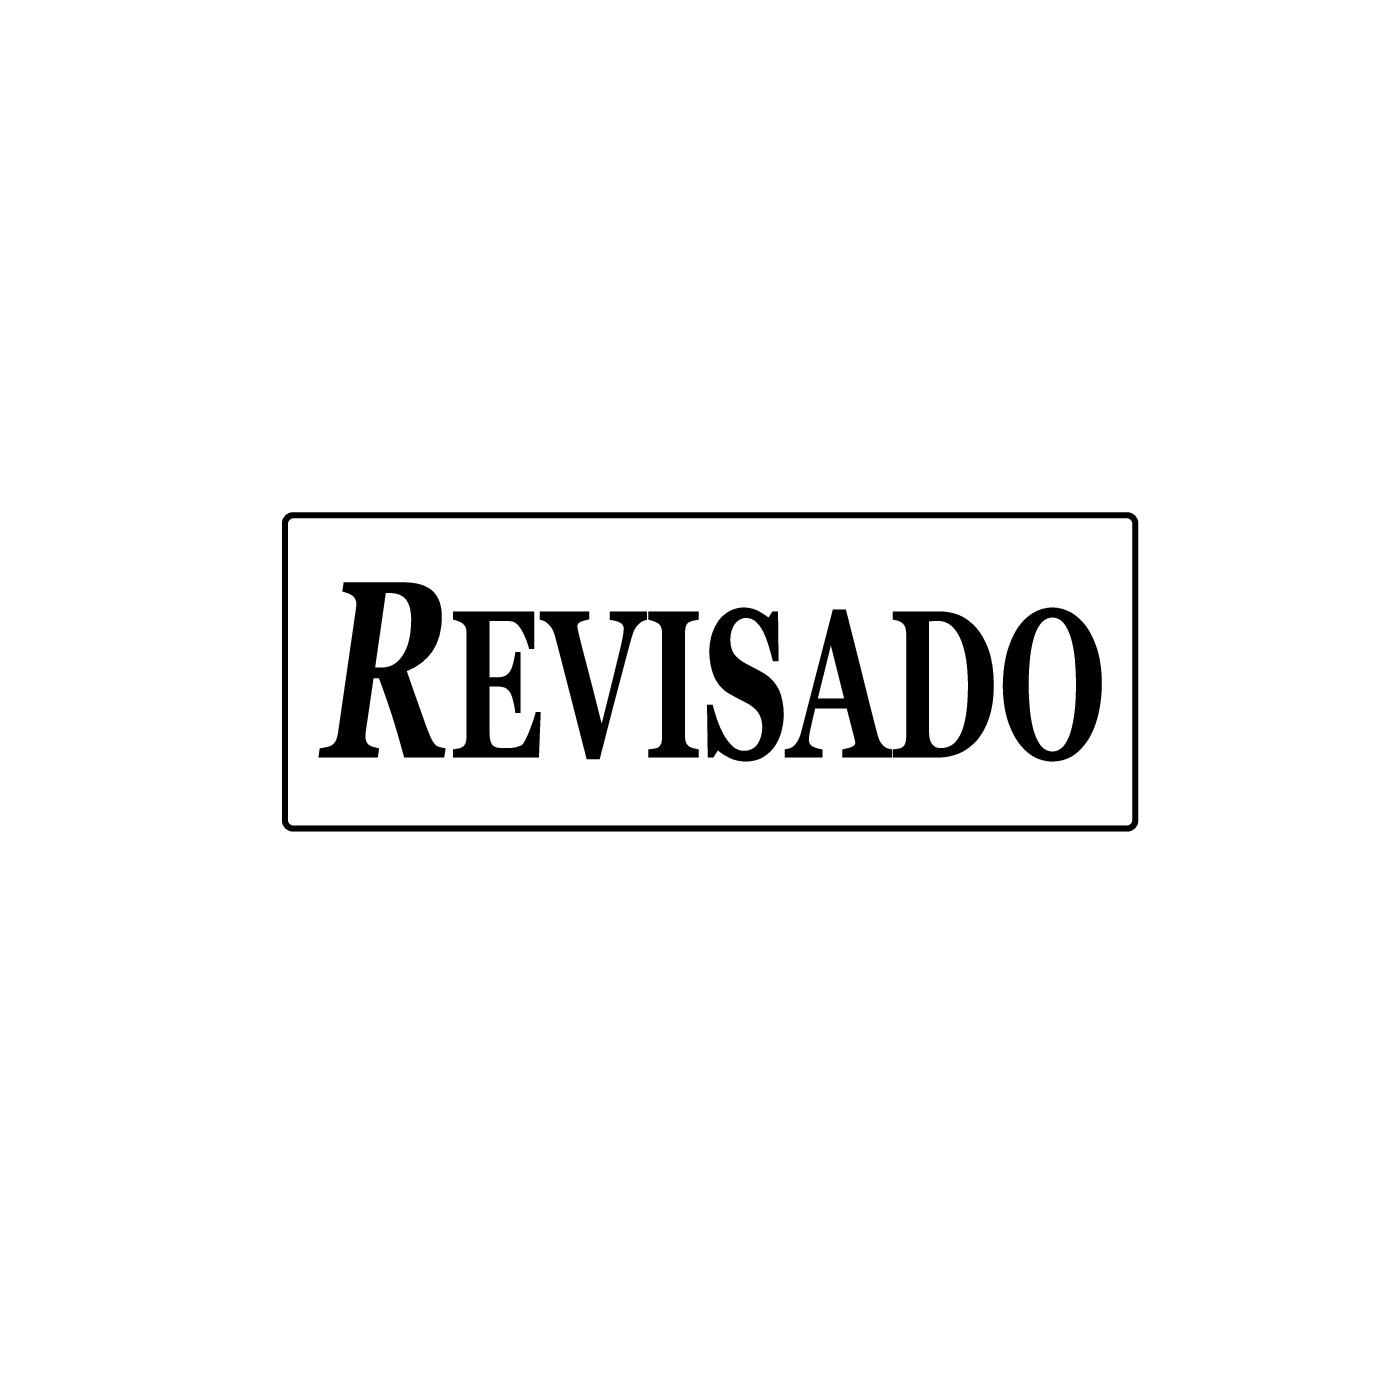 revisado-001